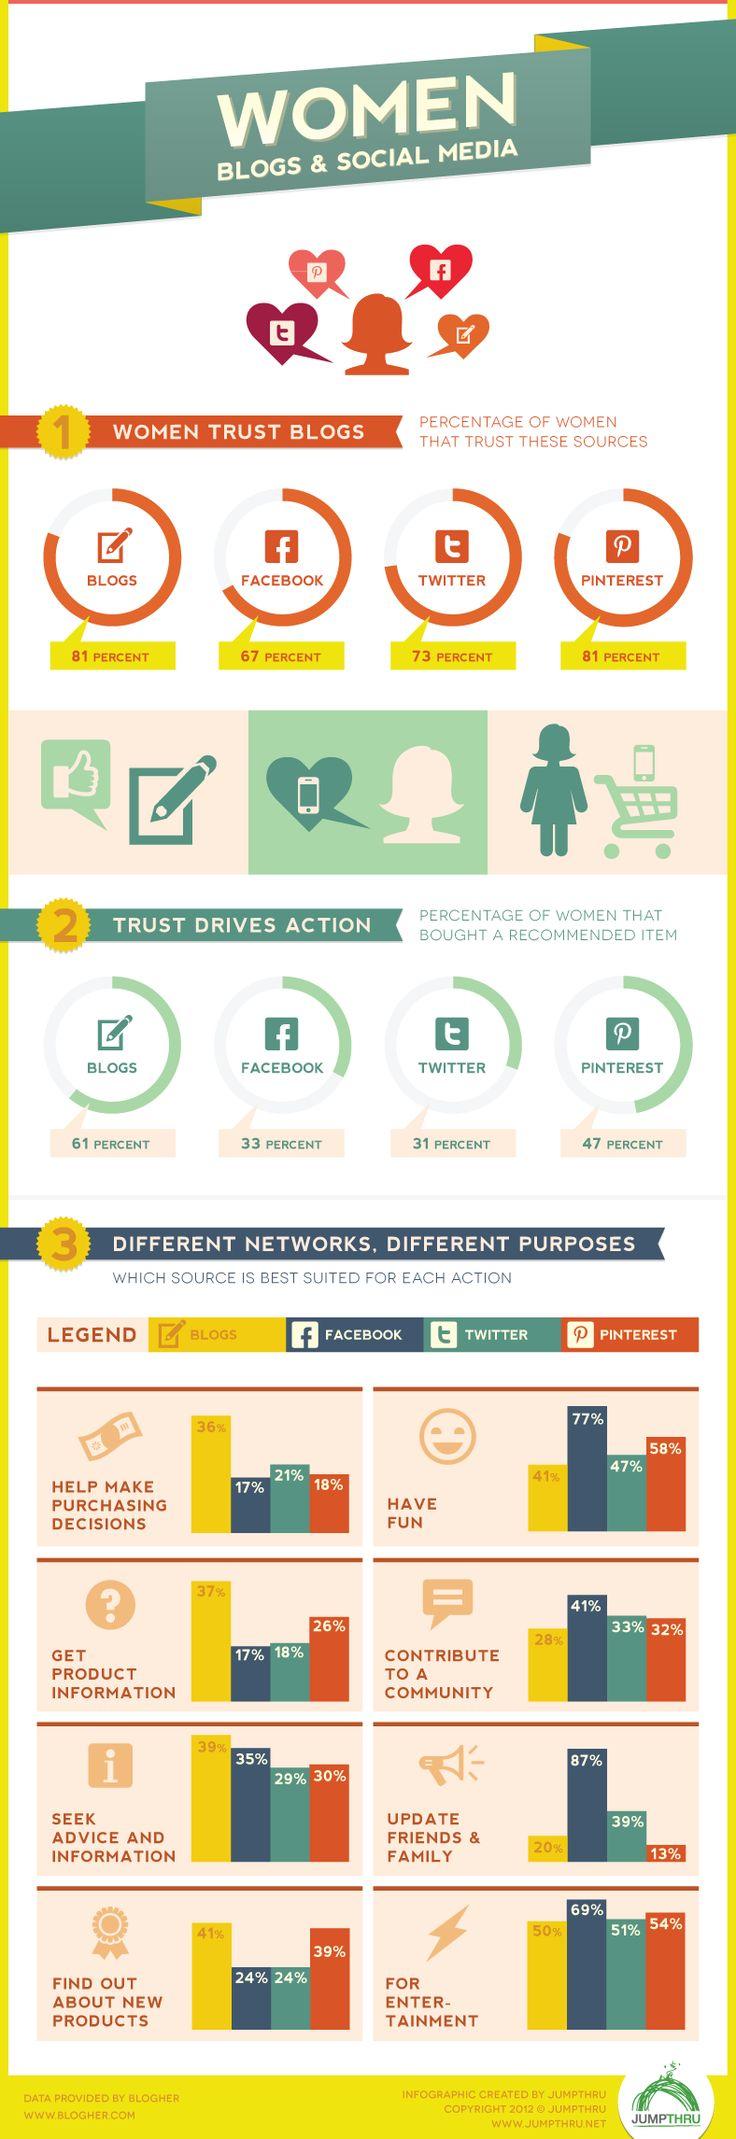 #women #trust #blogs